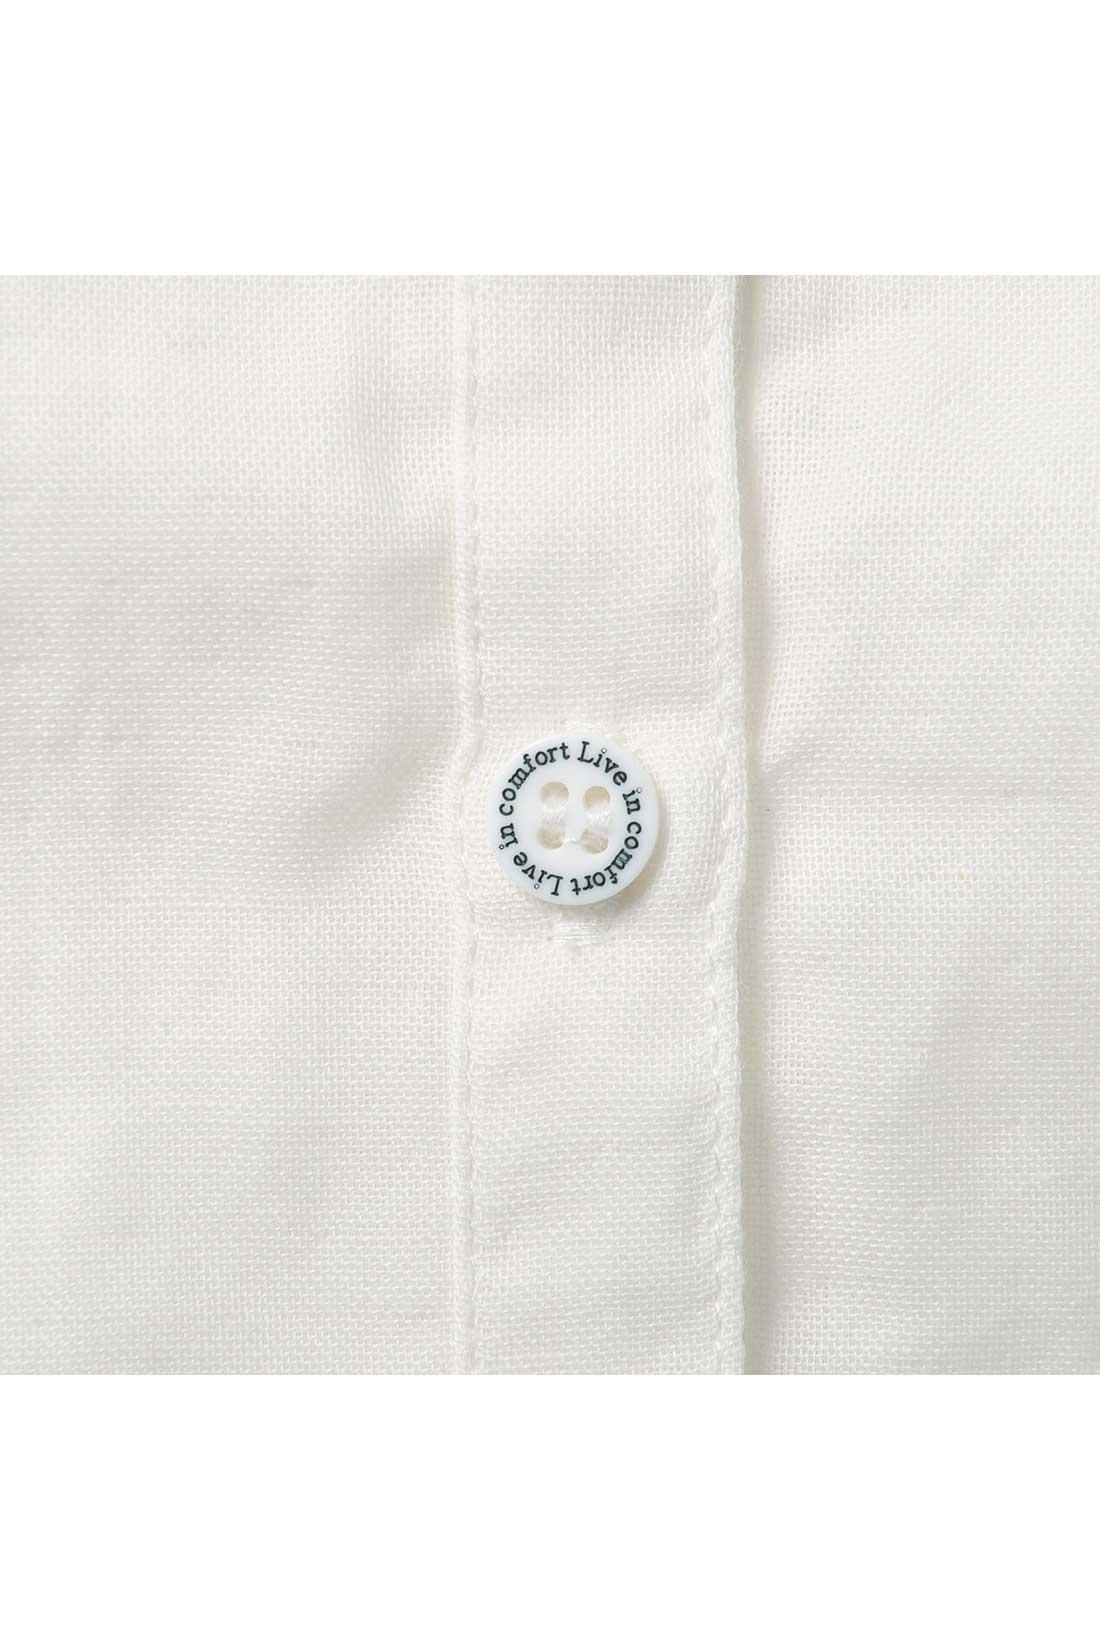 ブランドロゴ入りのさわやかな白ボタンもさりげなくおしゃれ。